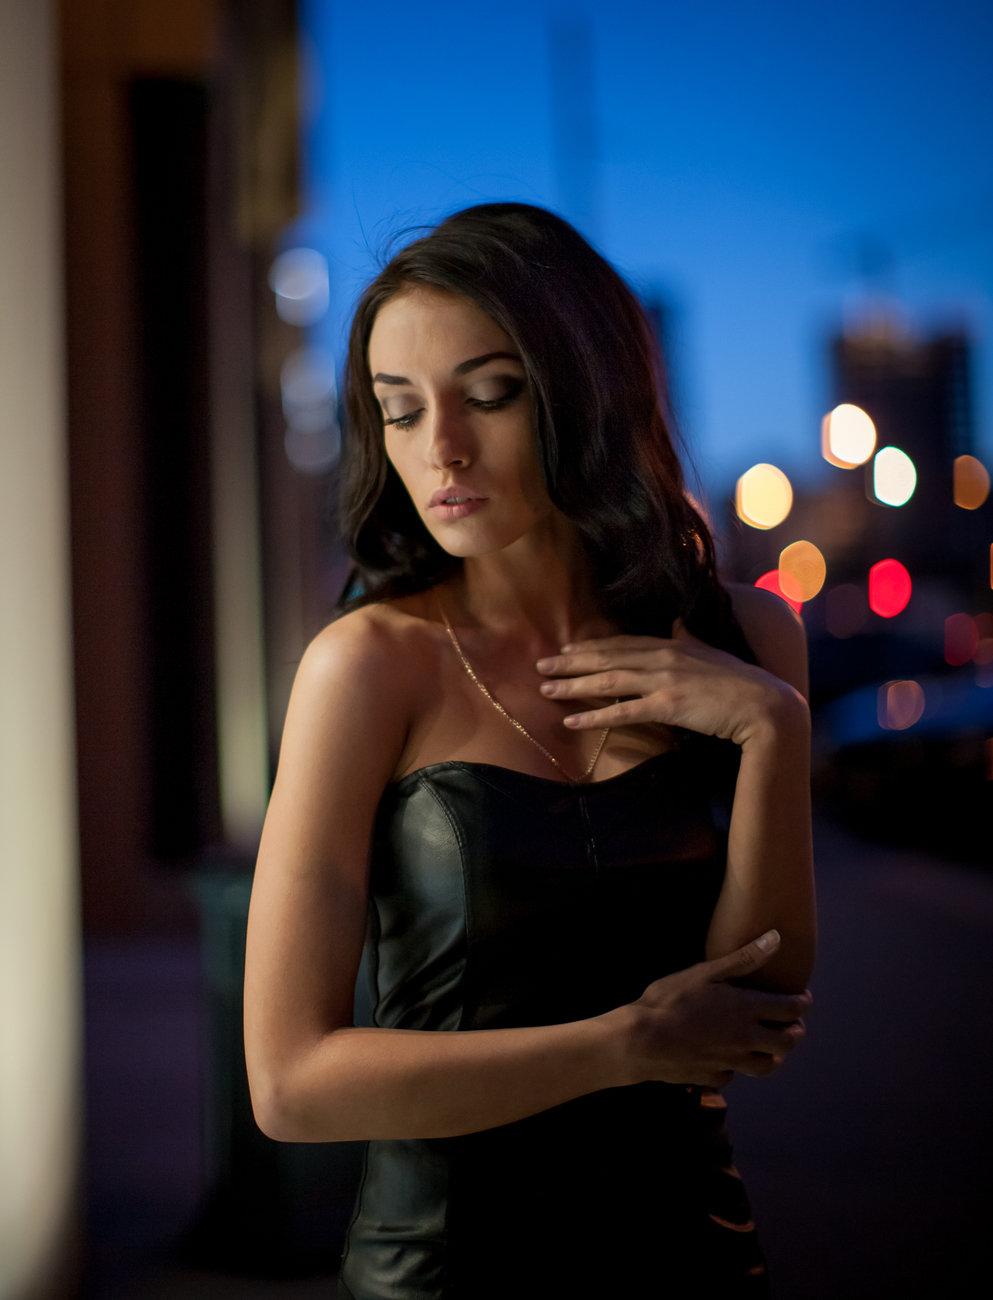 одном помещений как фотографировать портрет в ночном городе дай